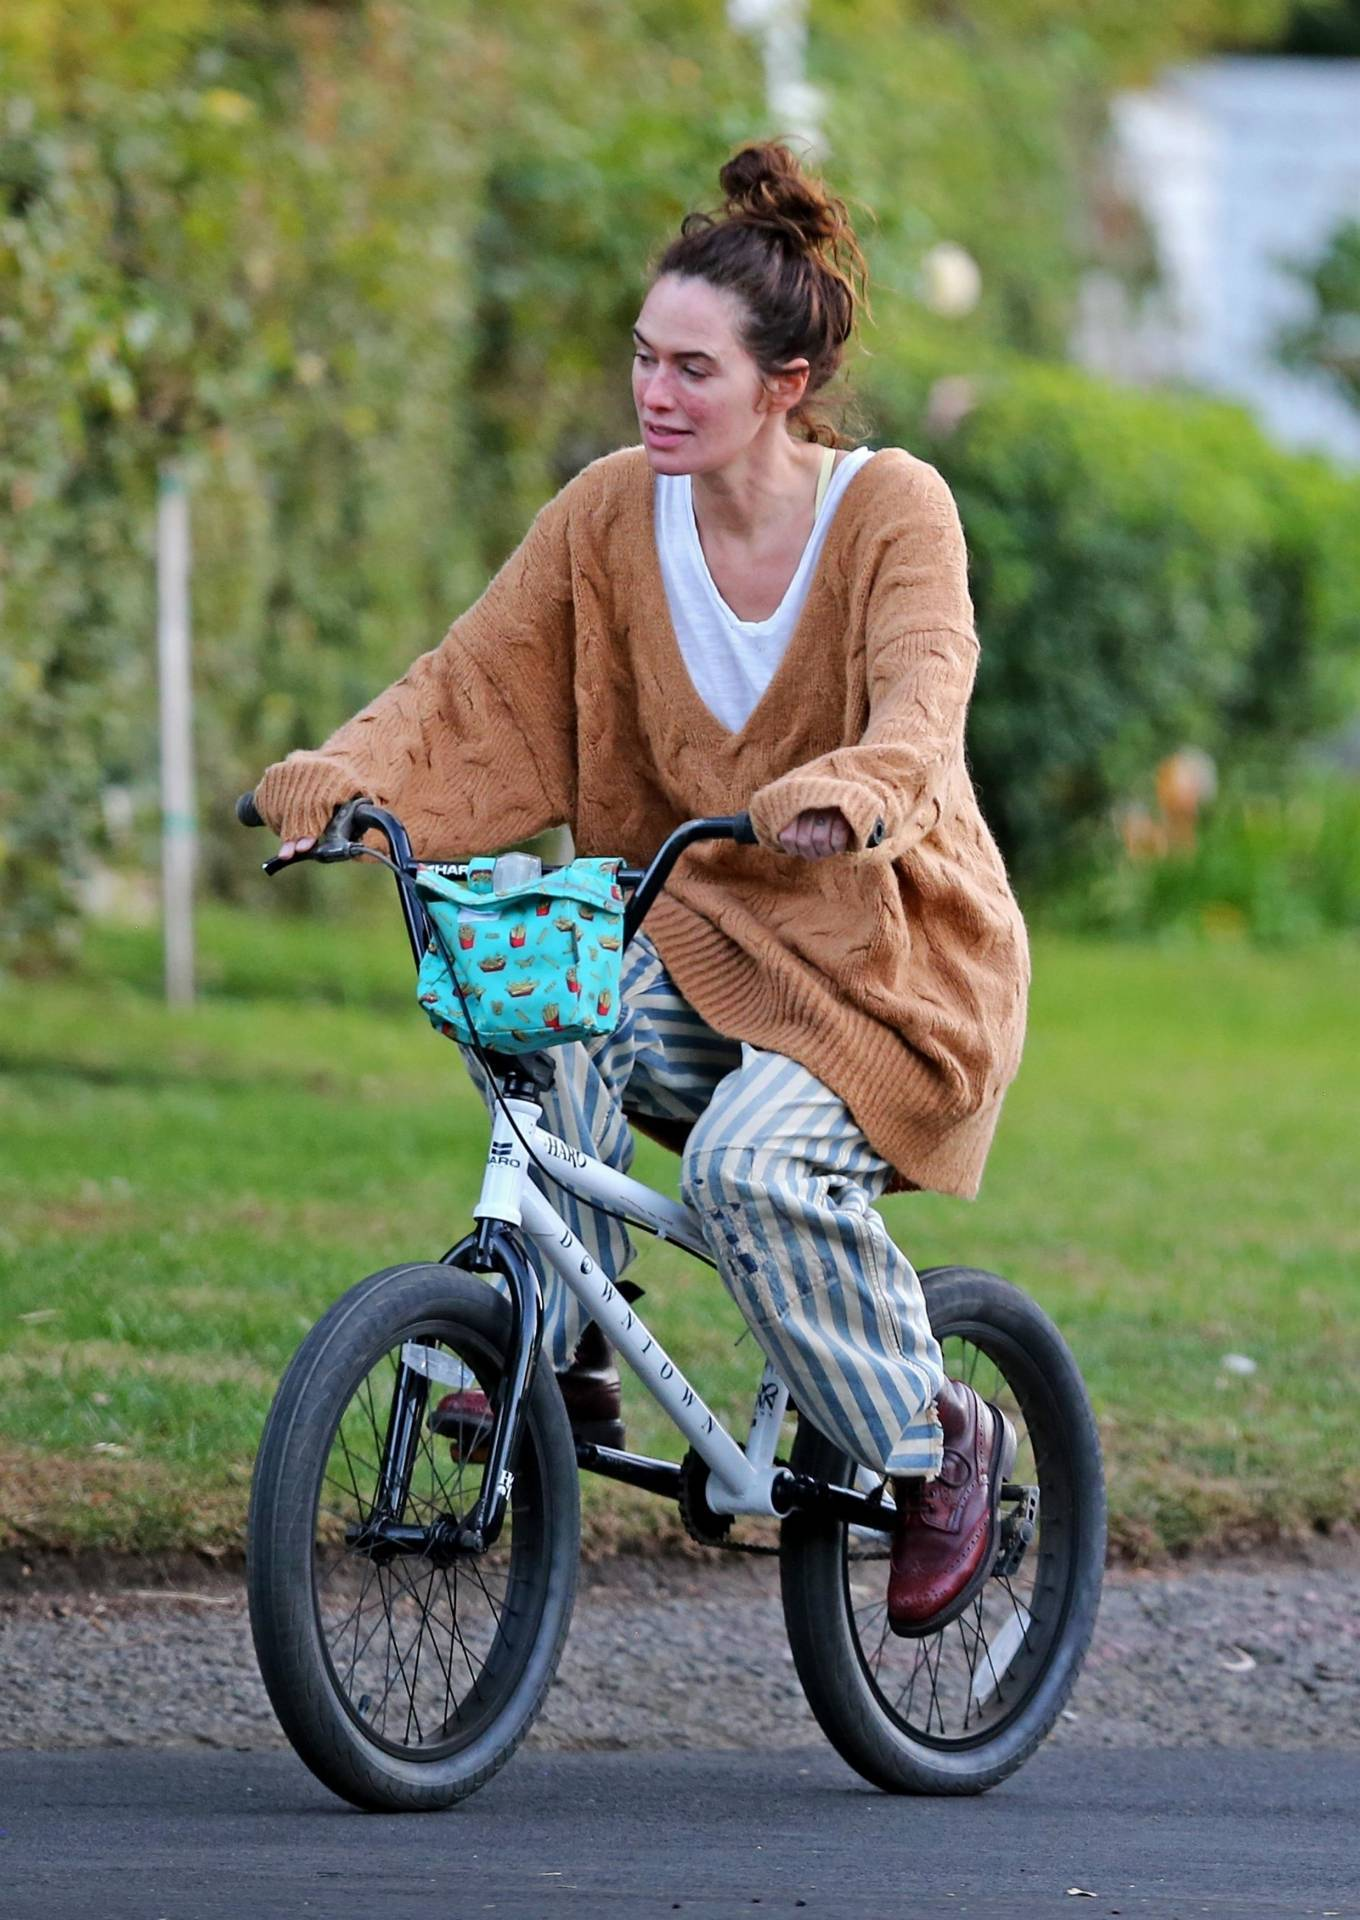 Lena Headey 2020 : Lena Headey – Riding a bicycle in Los Angeles-16